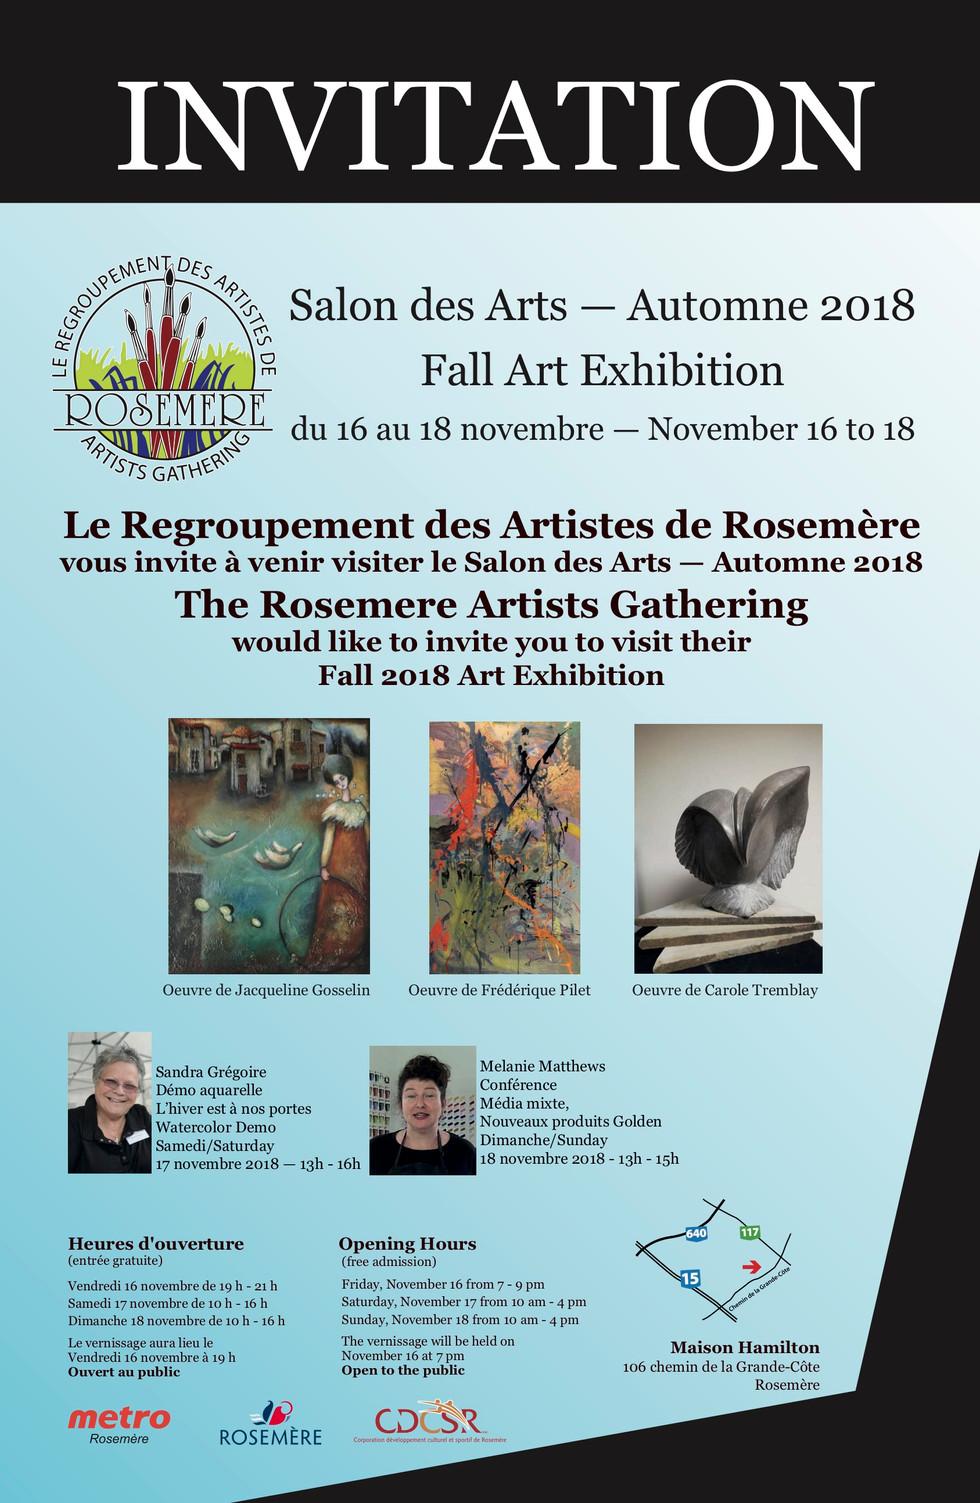 Affiche Salon des Arts Automne 2018